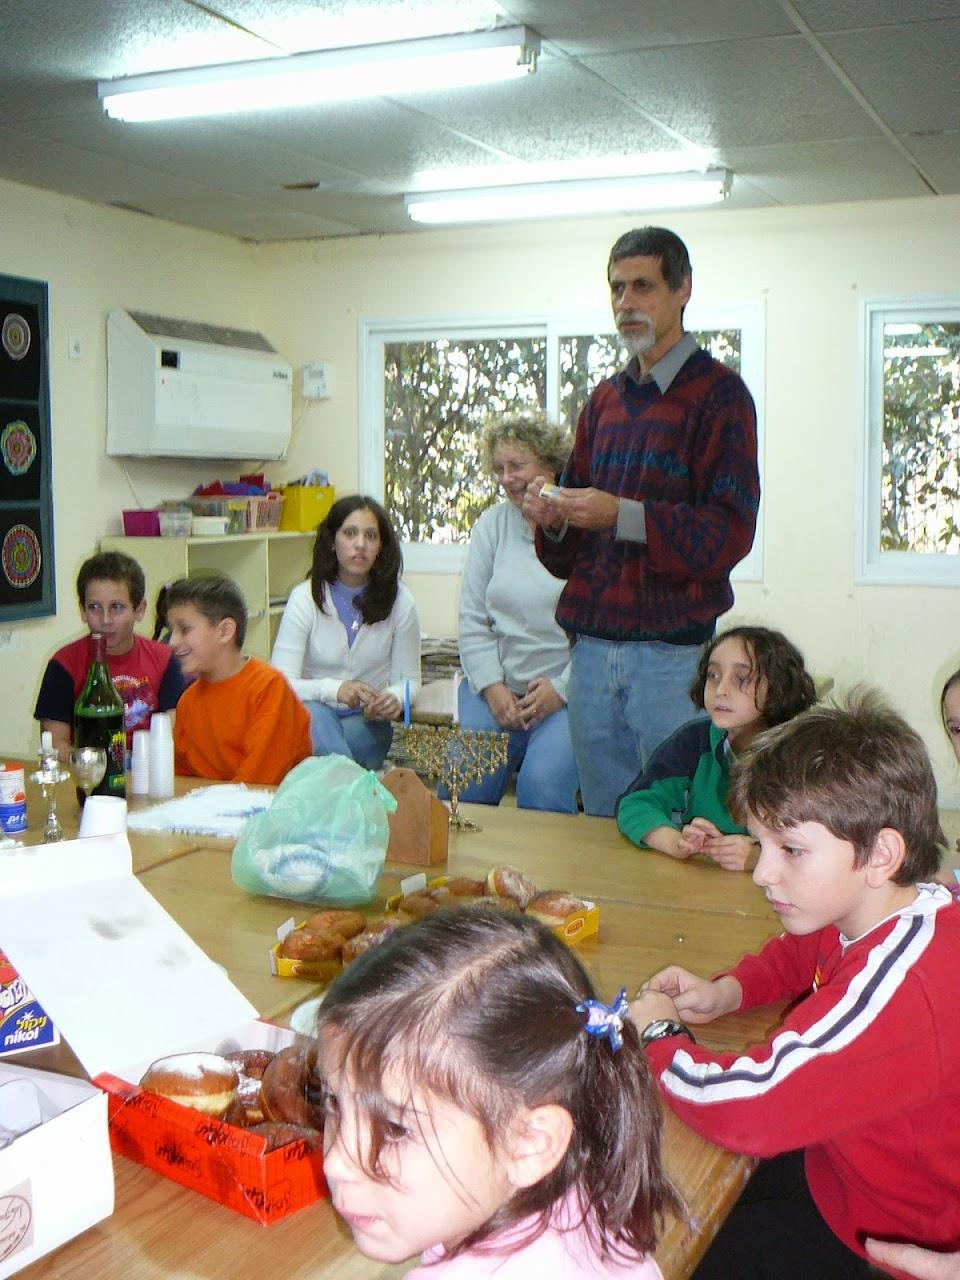 Hanukkah 2006  - 2006-12-15 06.37.14.jpg